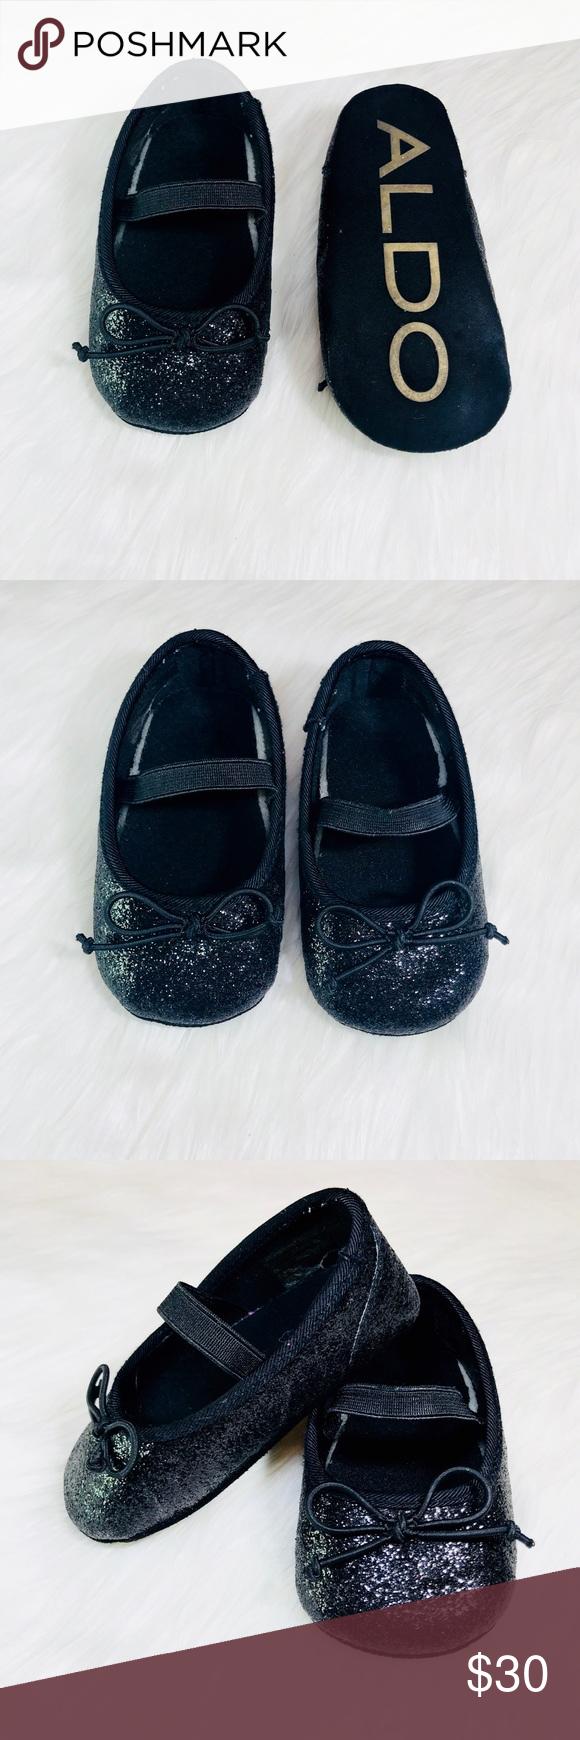 Toddler dress shoes, Burberry kids, Aldo